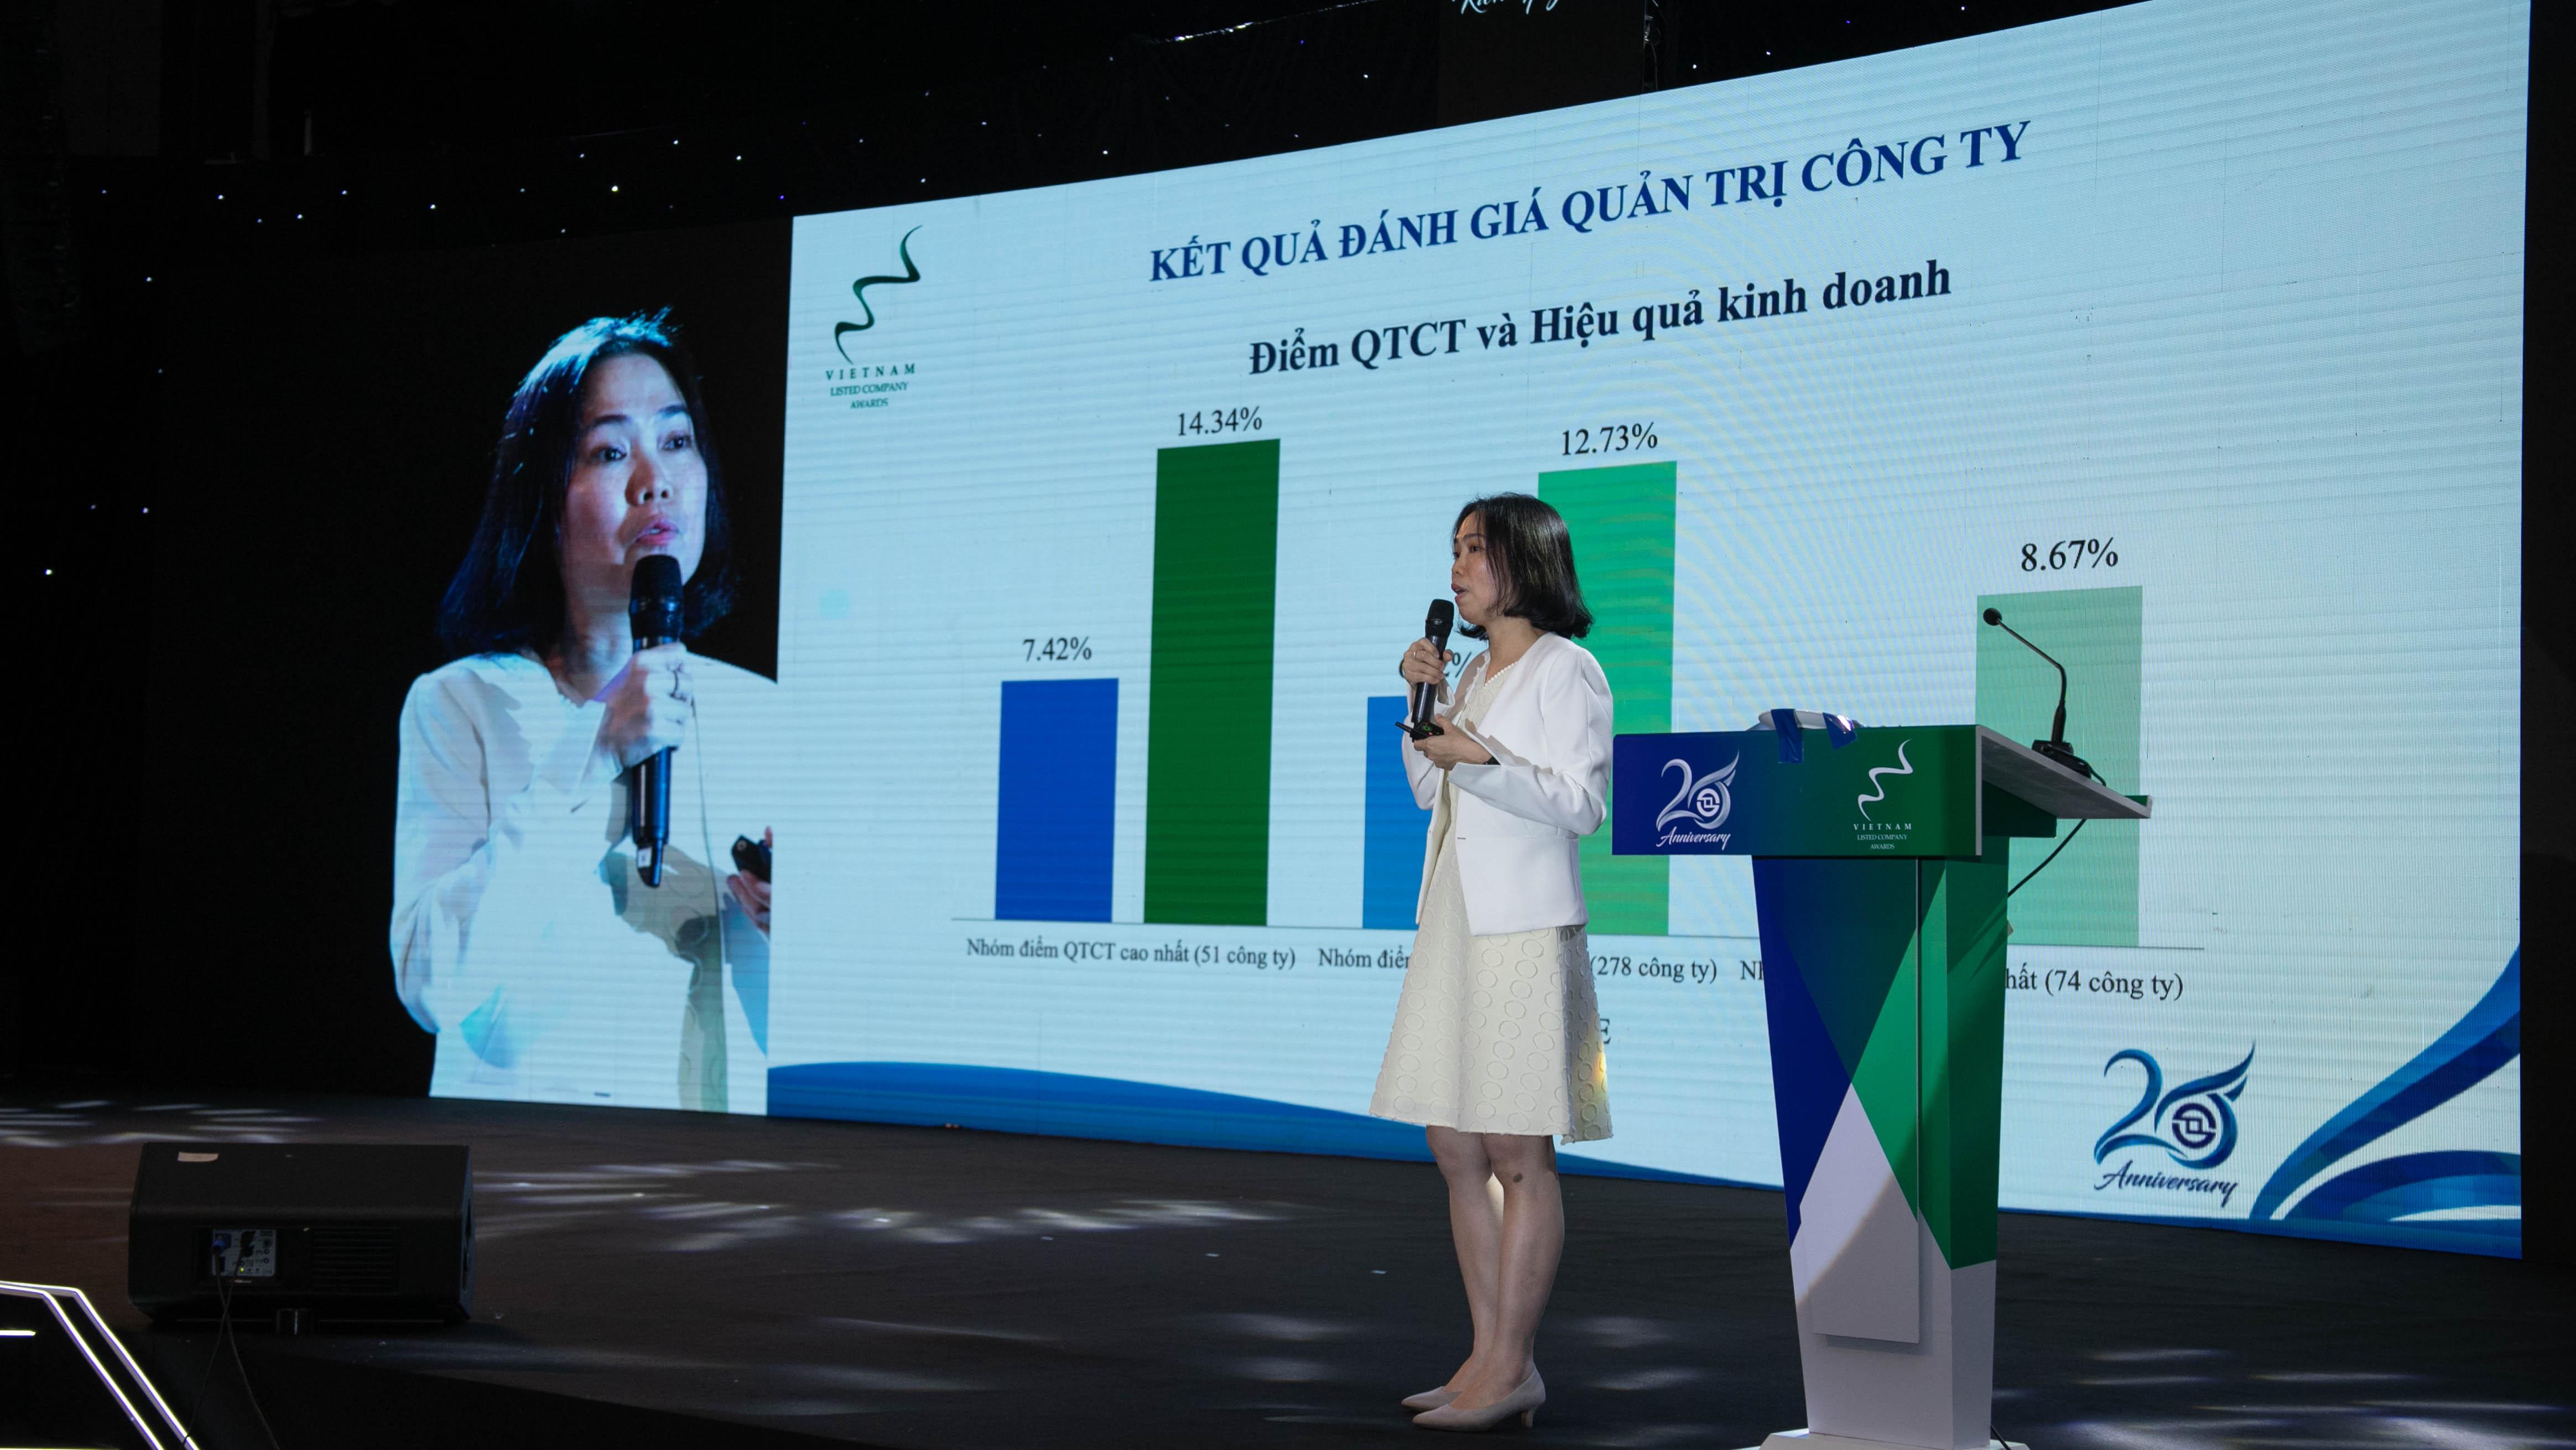 https://www.aravietnam.vn/wp-content/uploads/2020/12/IMG_8552.jpg